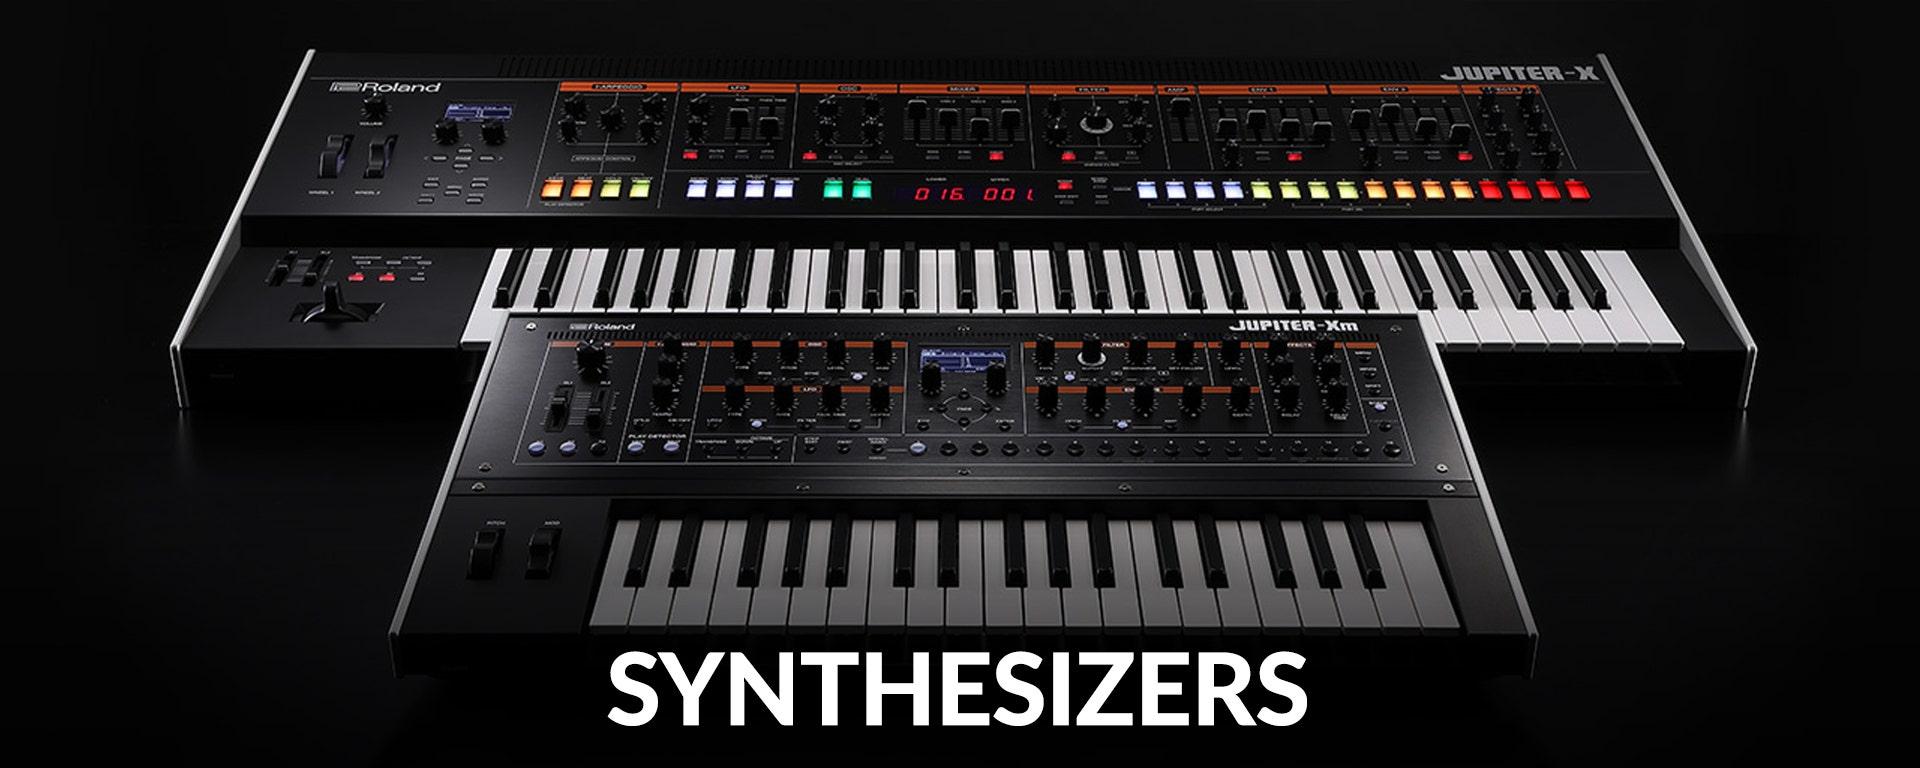 Synthesizers at SamAsh.com